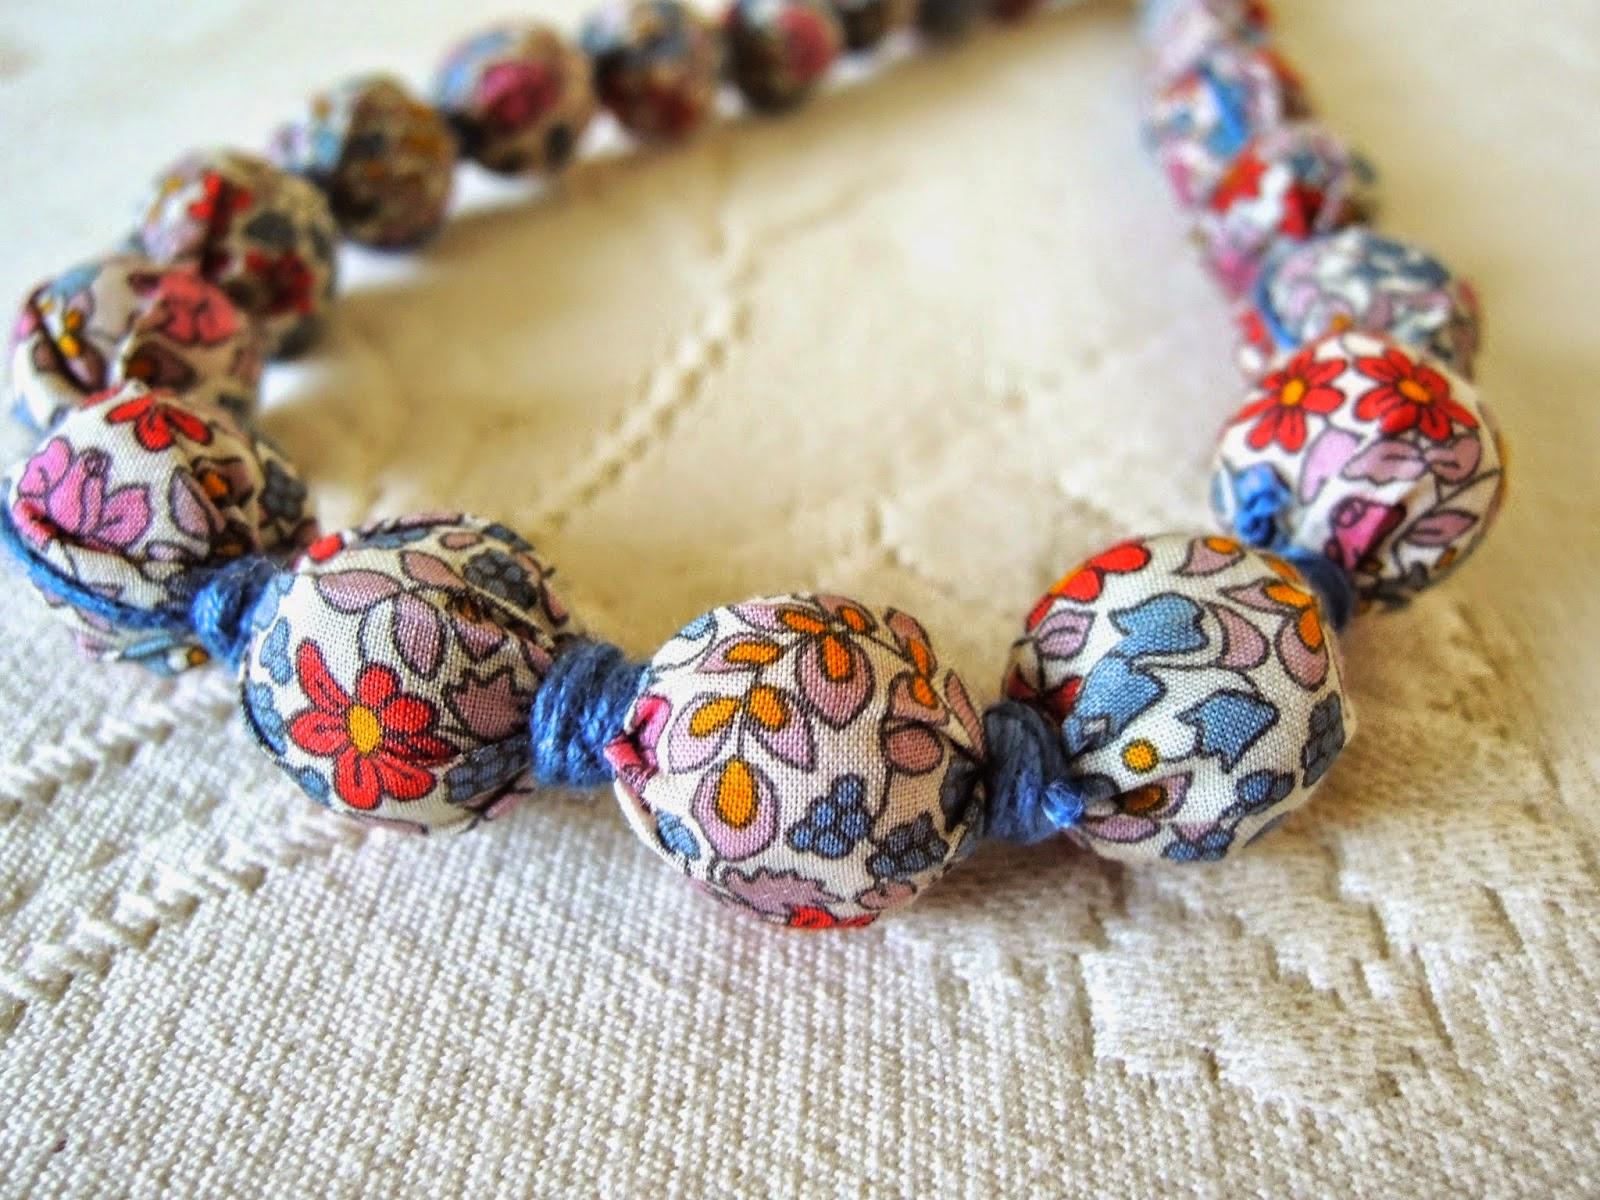 http://soldaeira.blogspot.pt/2015/01/colar-de-tecido-fabric-necklace.html